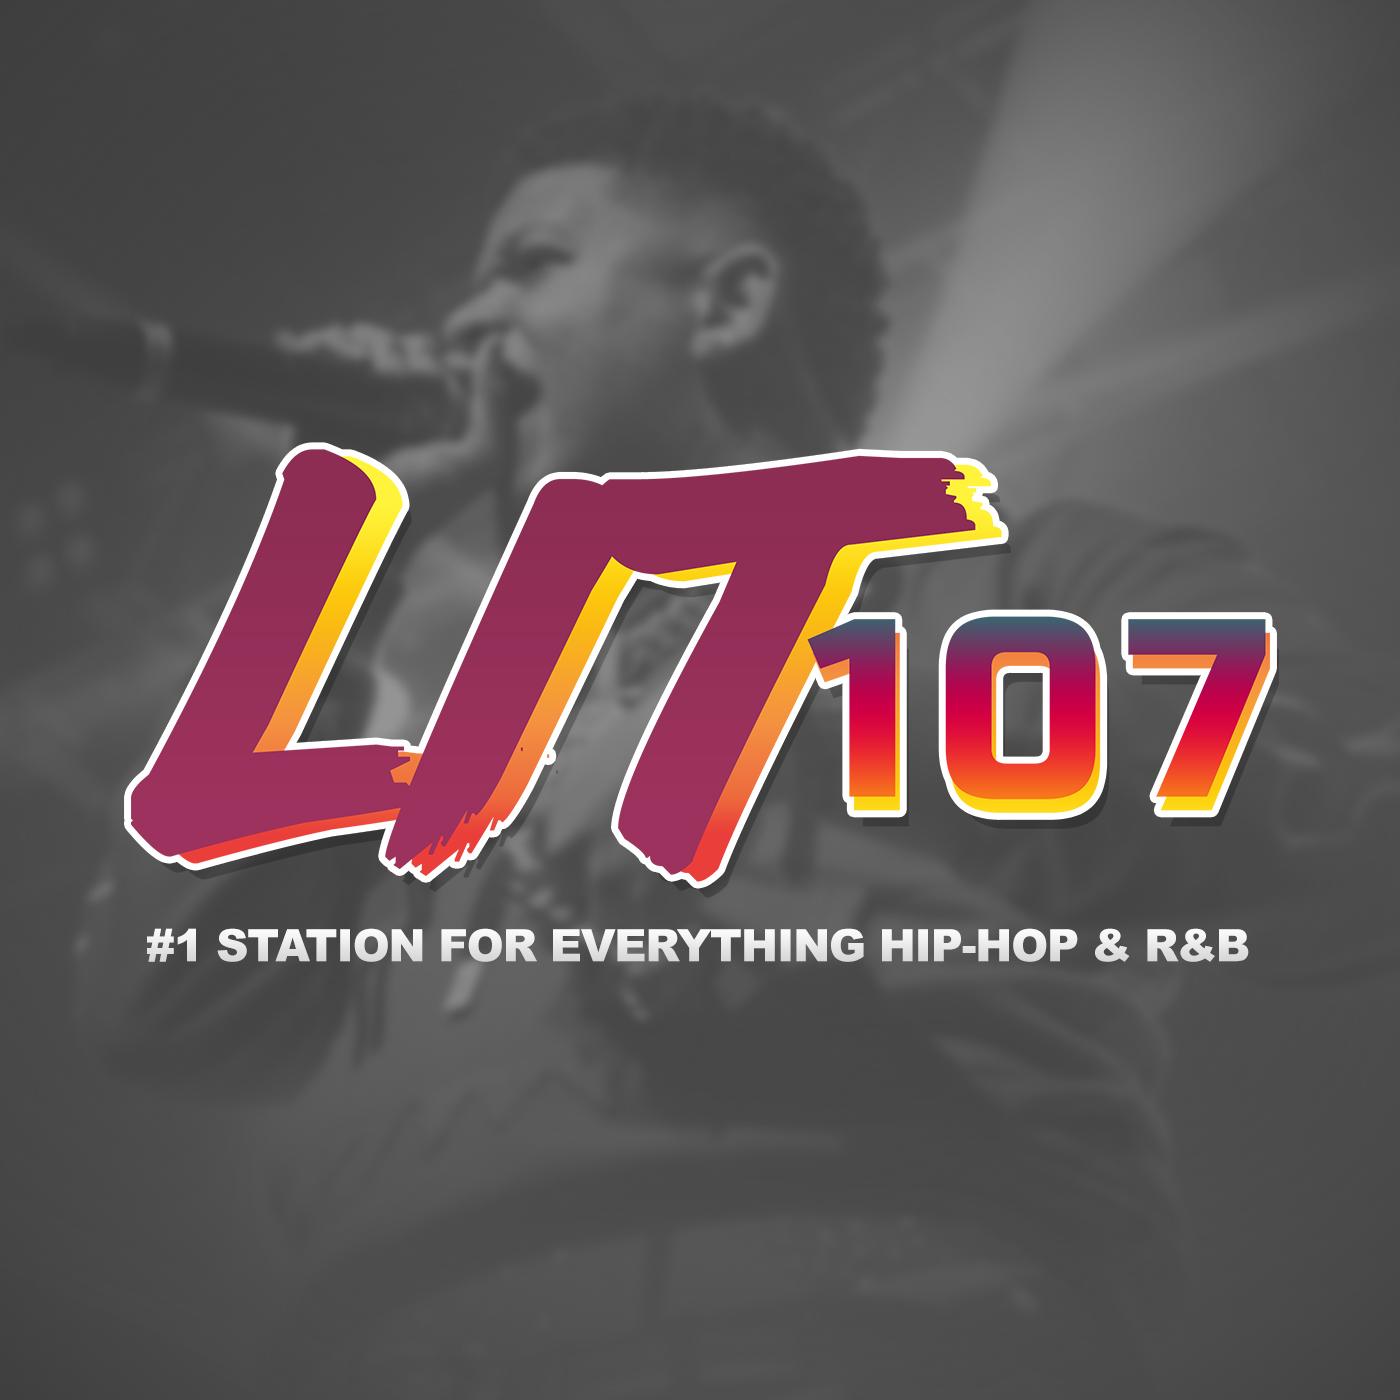 Lit 107 | #1 For Everything Hip-Hop | 128k | www.lit107.com